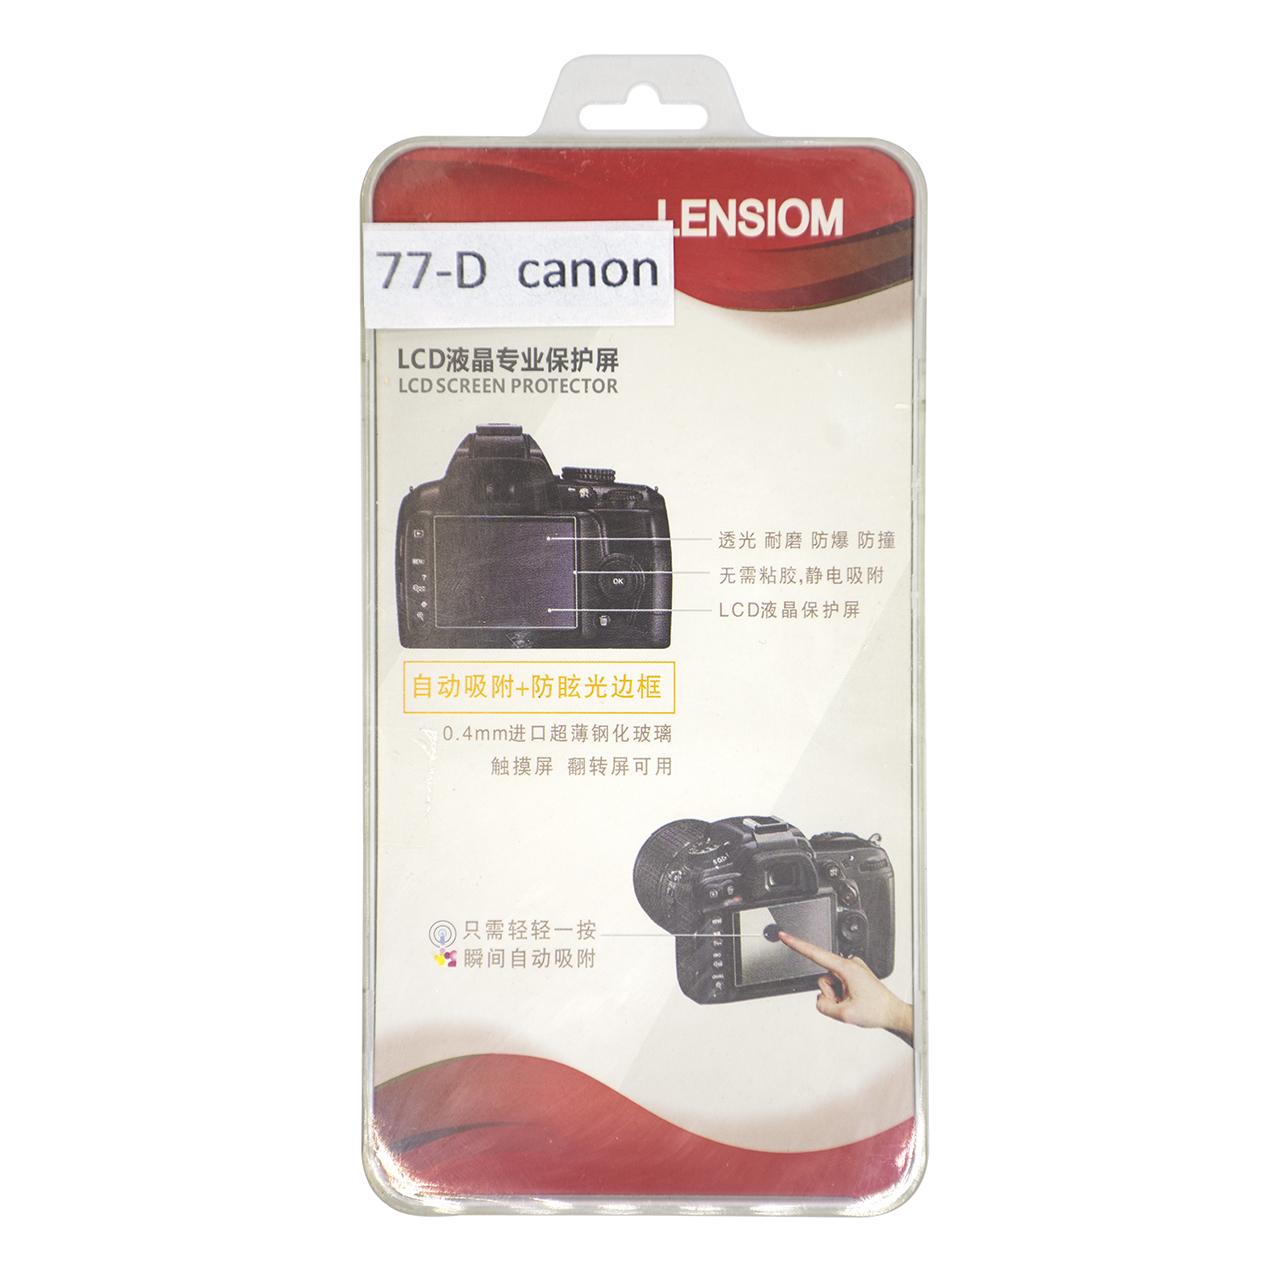 محافظ صفحه نمایش دوربین لنزیوم مدل L77D مناسب برای کانن 77D